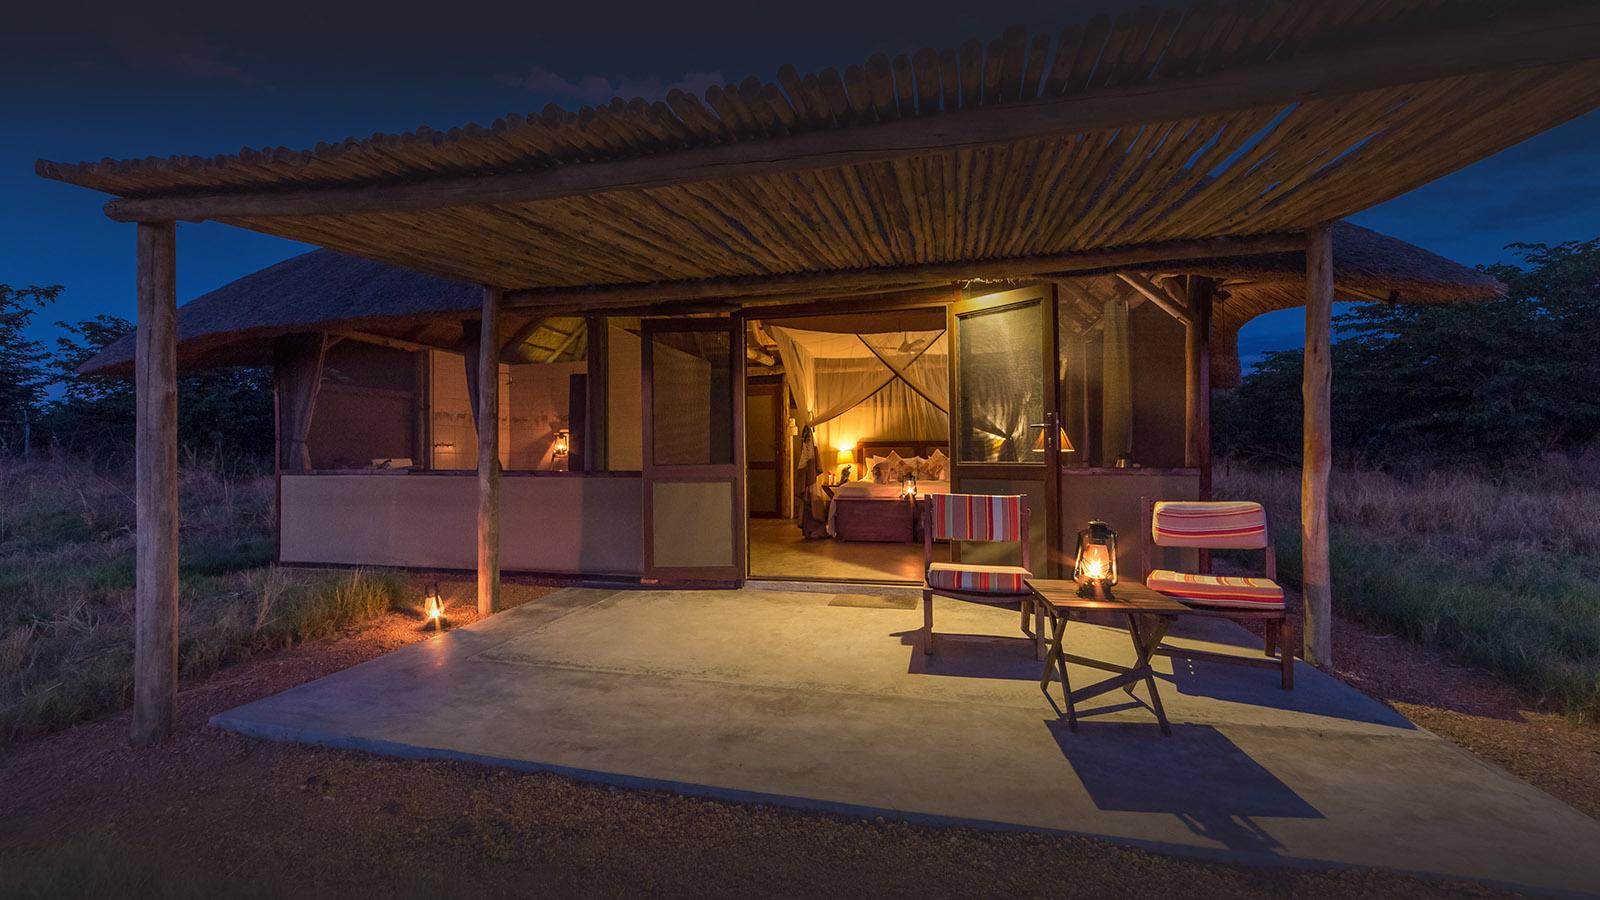 camp hwange hwange-national-park-zimbabwe-lodges-chalets